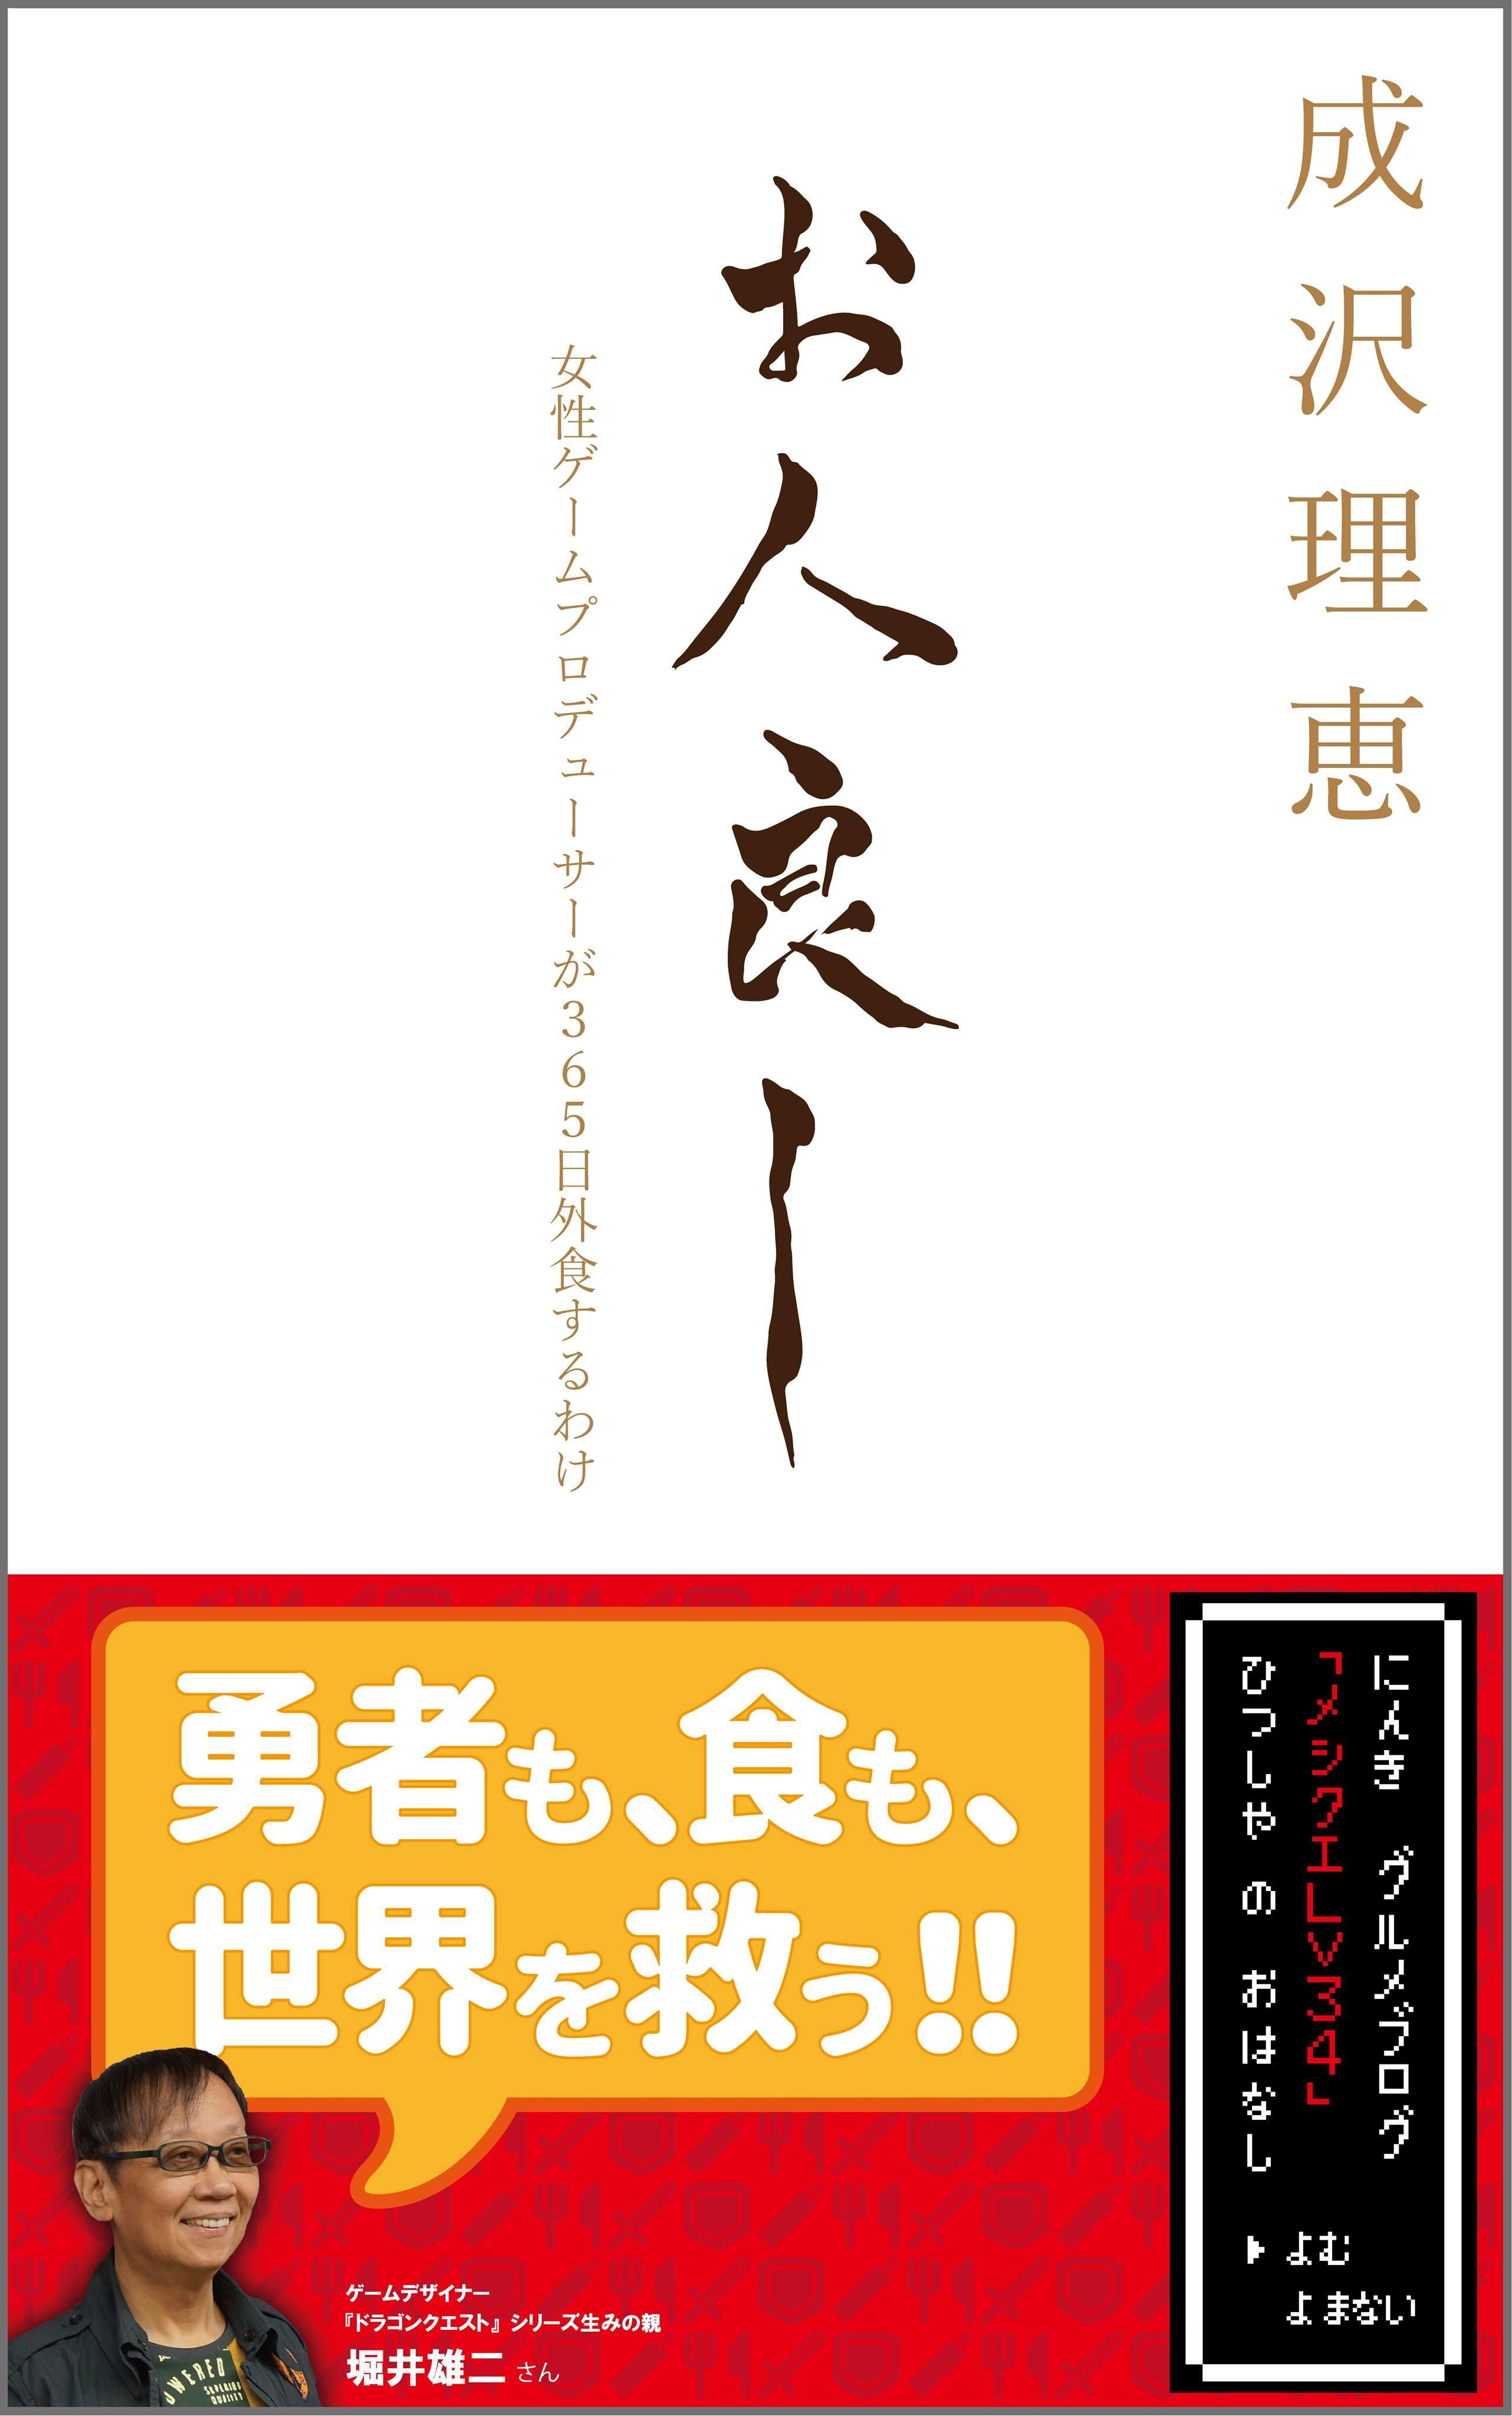 「お人良し」がAmazon書籍ベストセラーになりました!!_f0232060_17333549.jpg